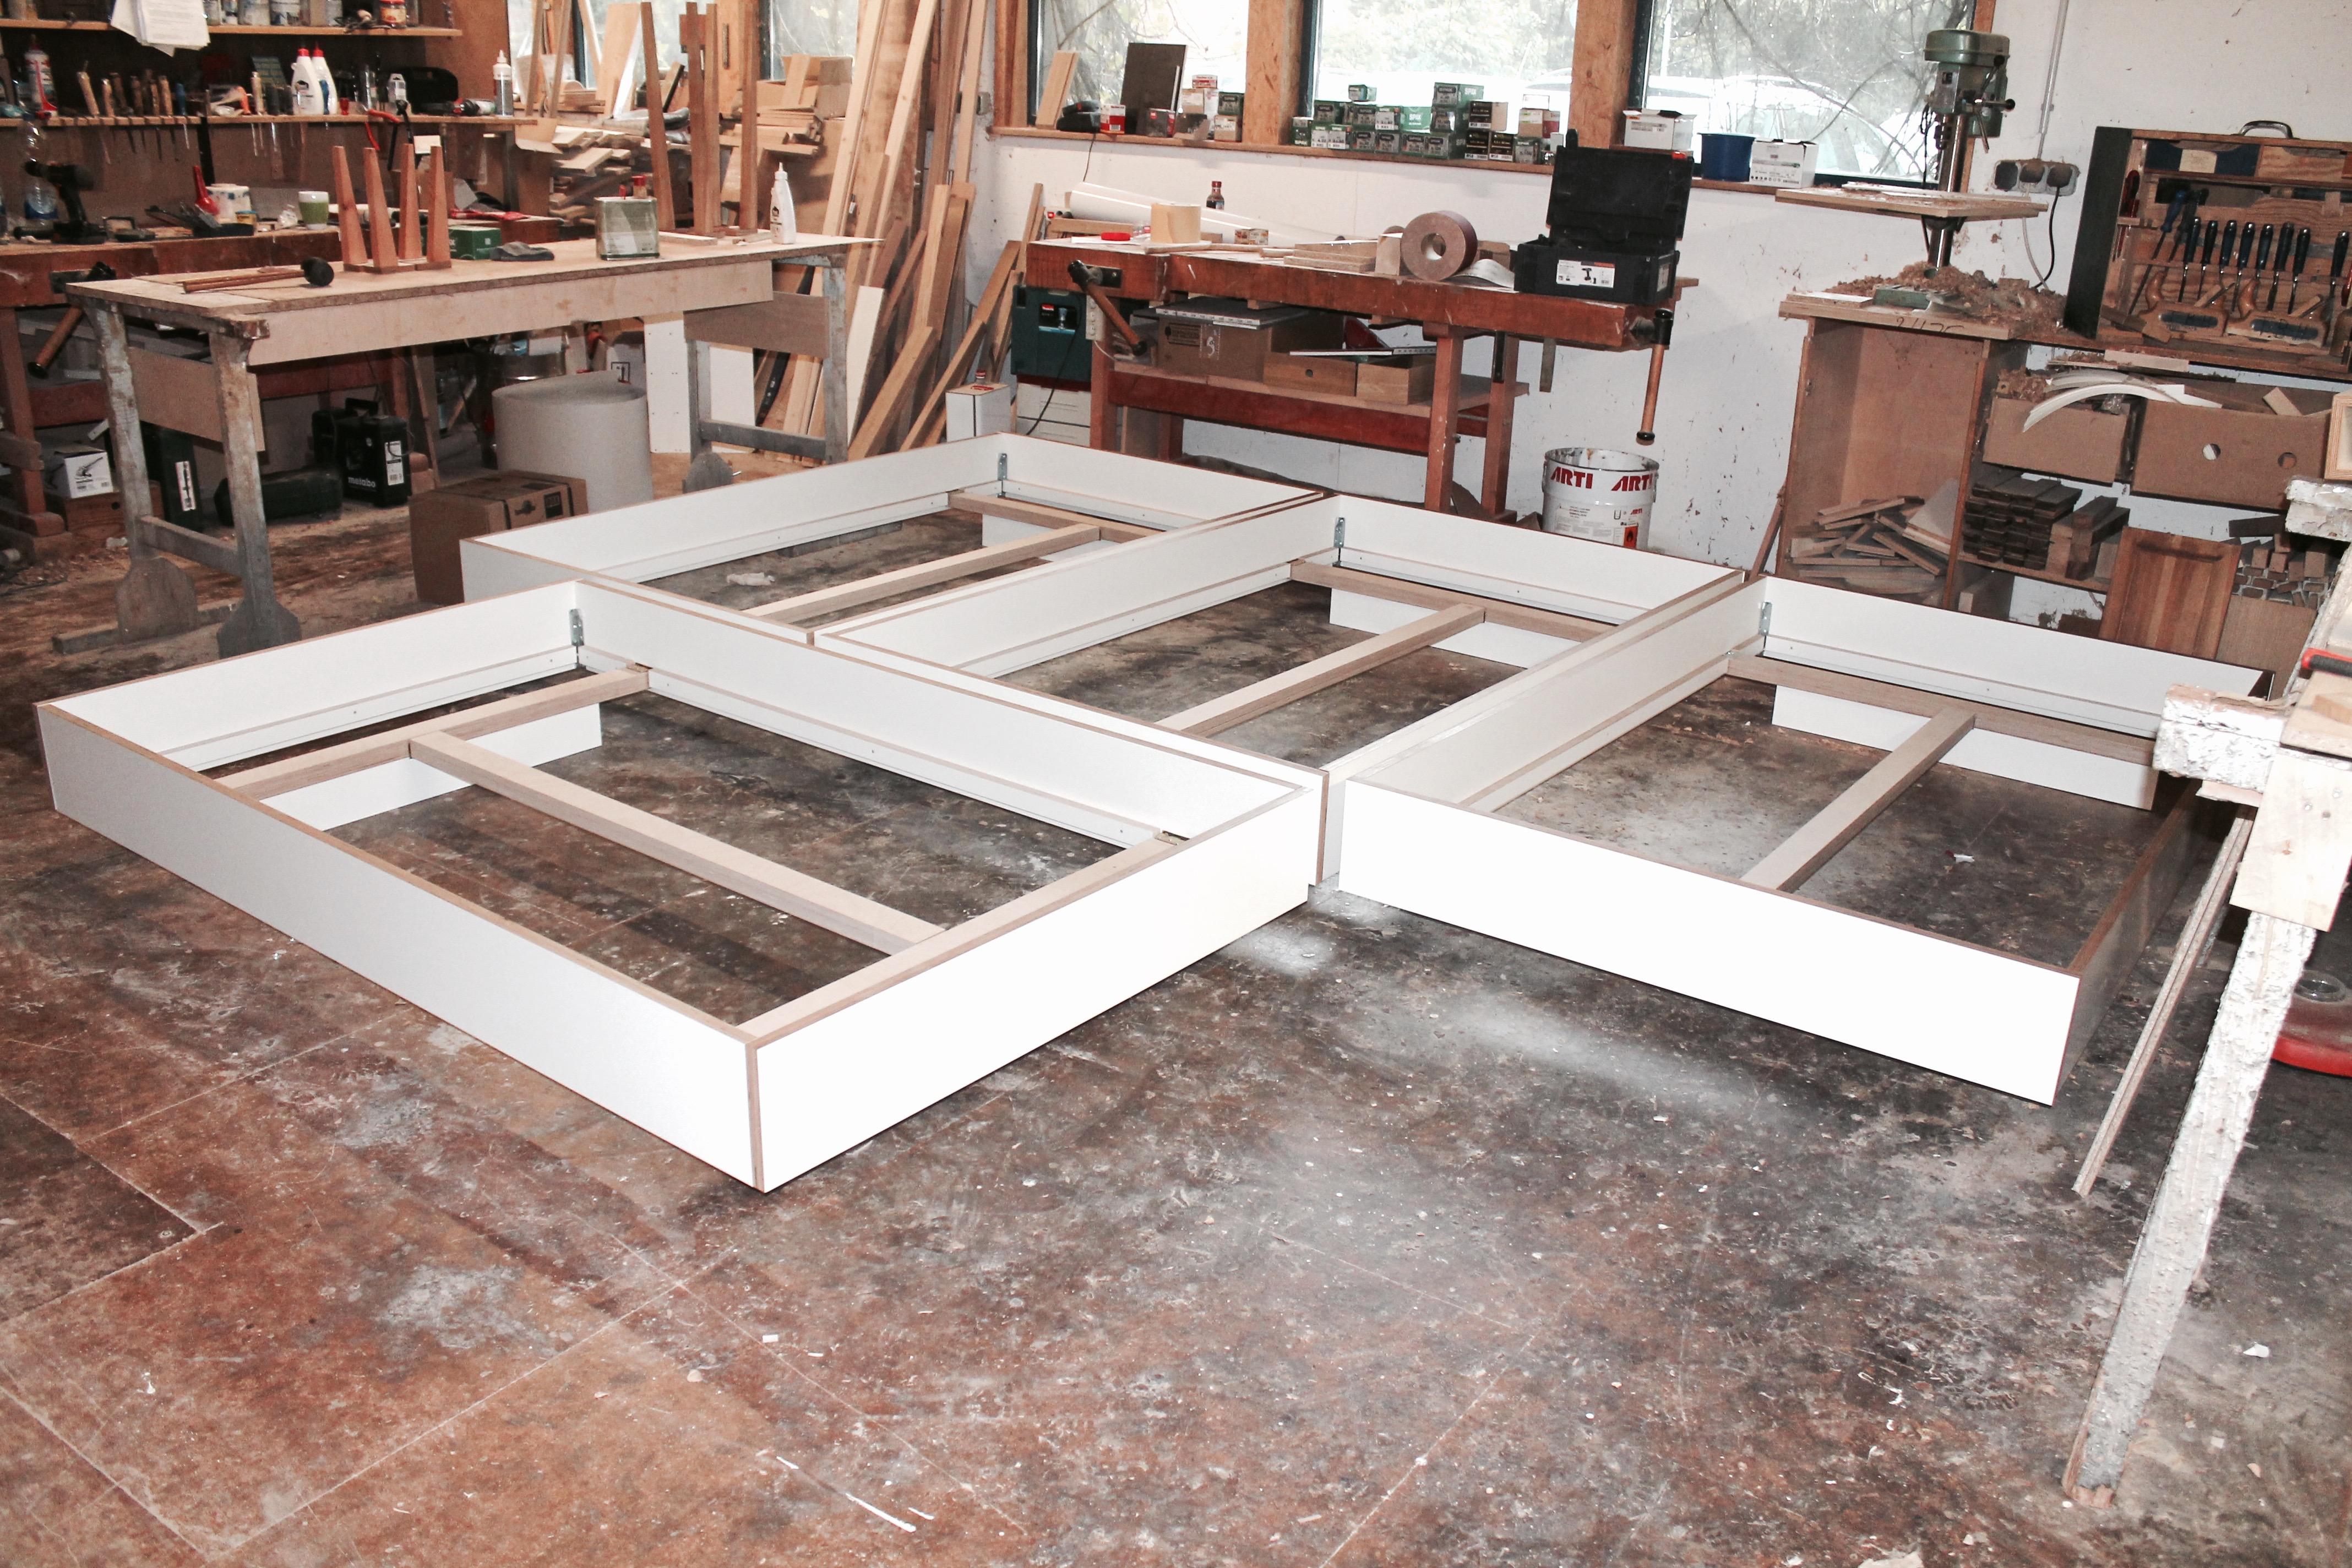 Fantastisch Bett Und Rahmen Galerie - Benutzerdefinierte ...